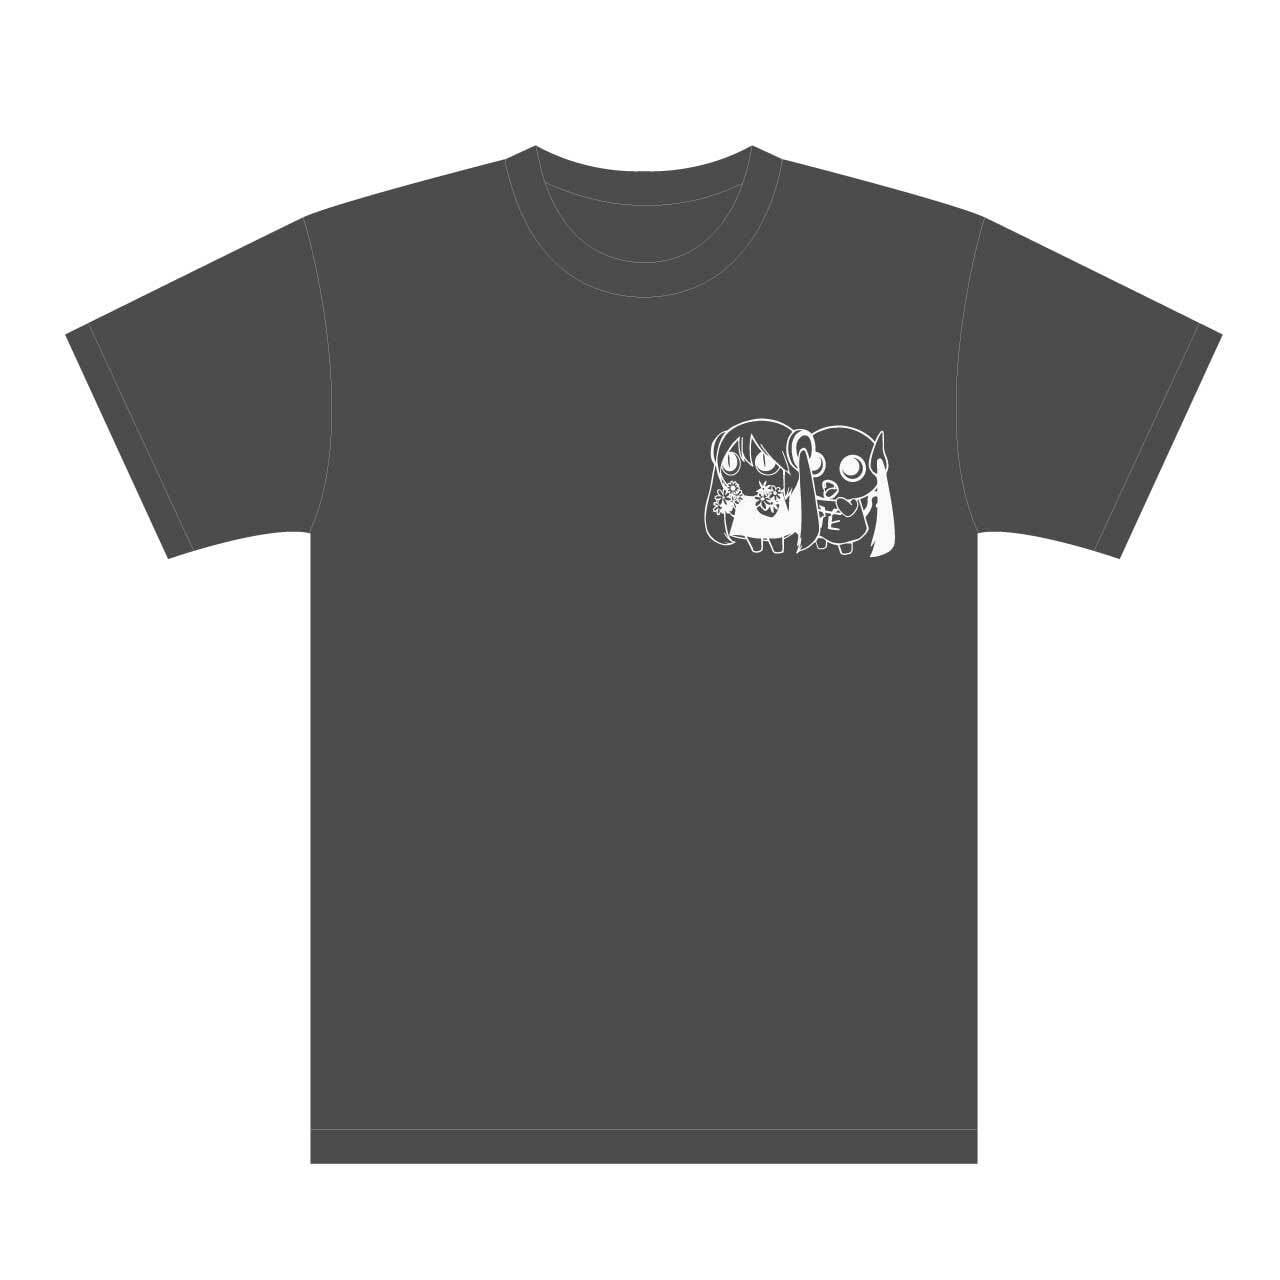 ピノキオピー 文明開花 Tシャツ(ダークグレー)+ステッカーセット - 画像1